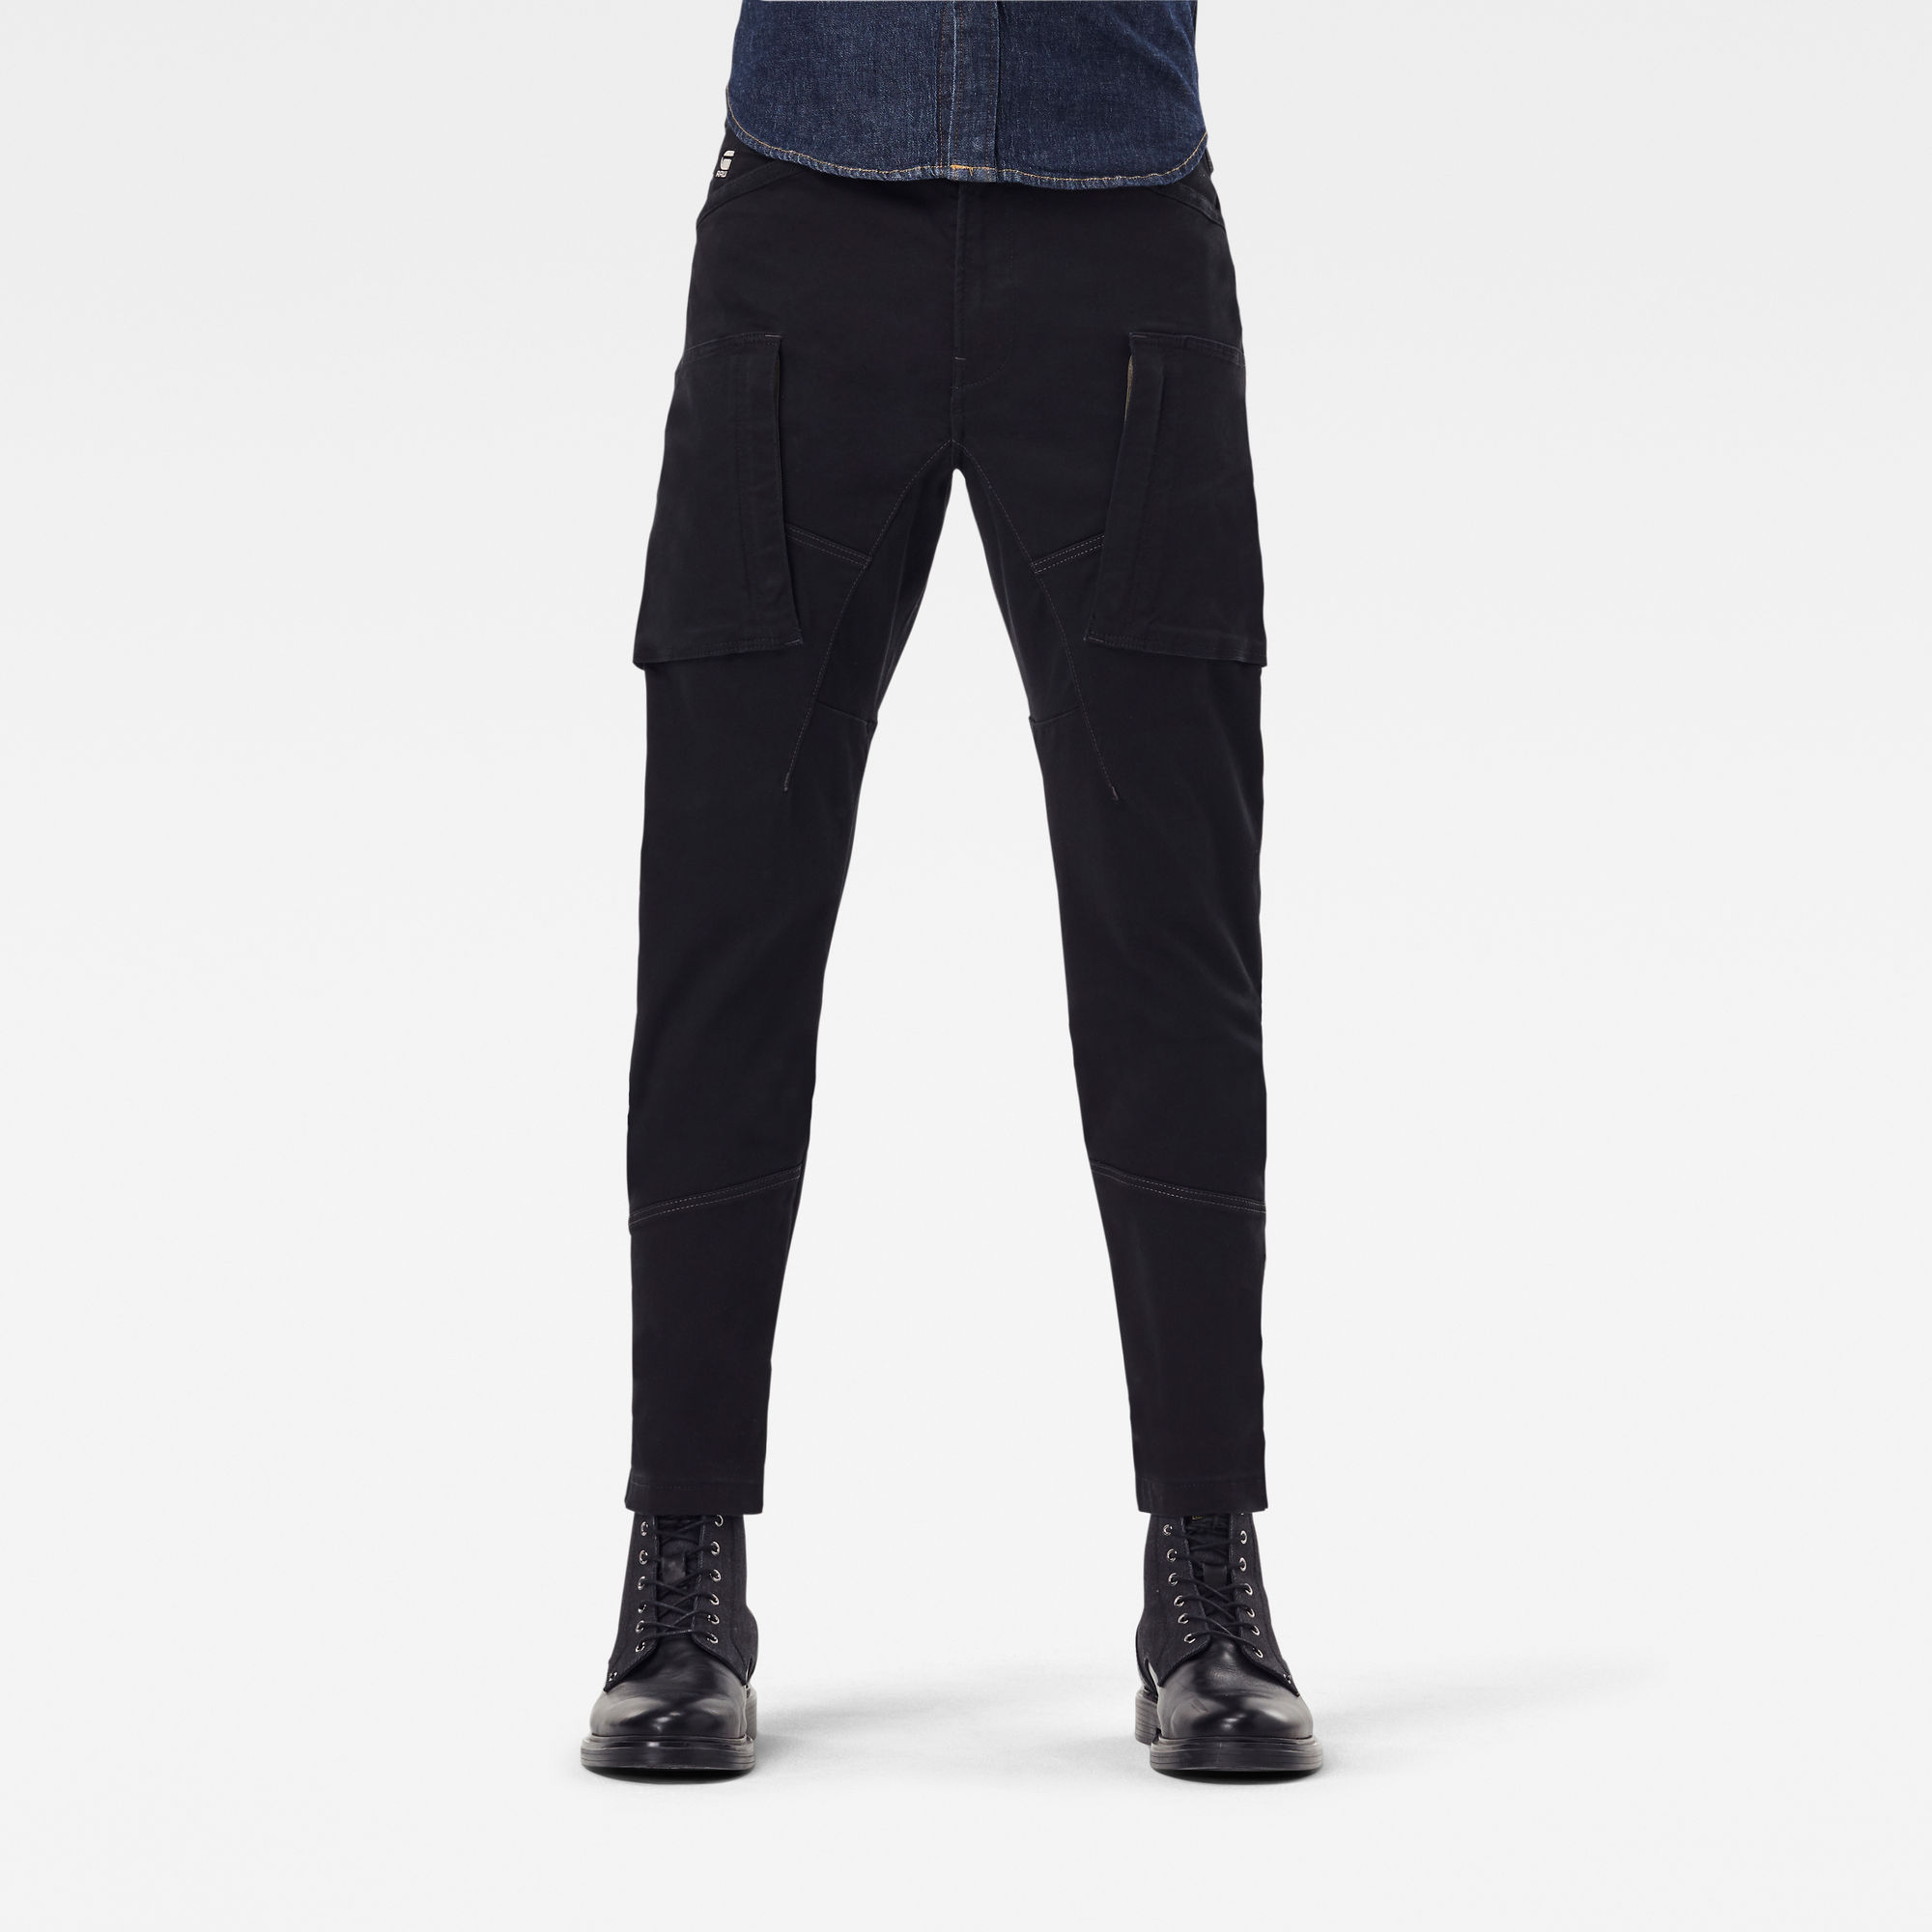 G-Star RAW Heren Zip Pocket 3D Skinny Cargo Broek Zwart